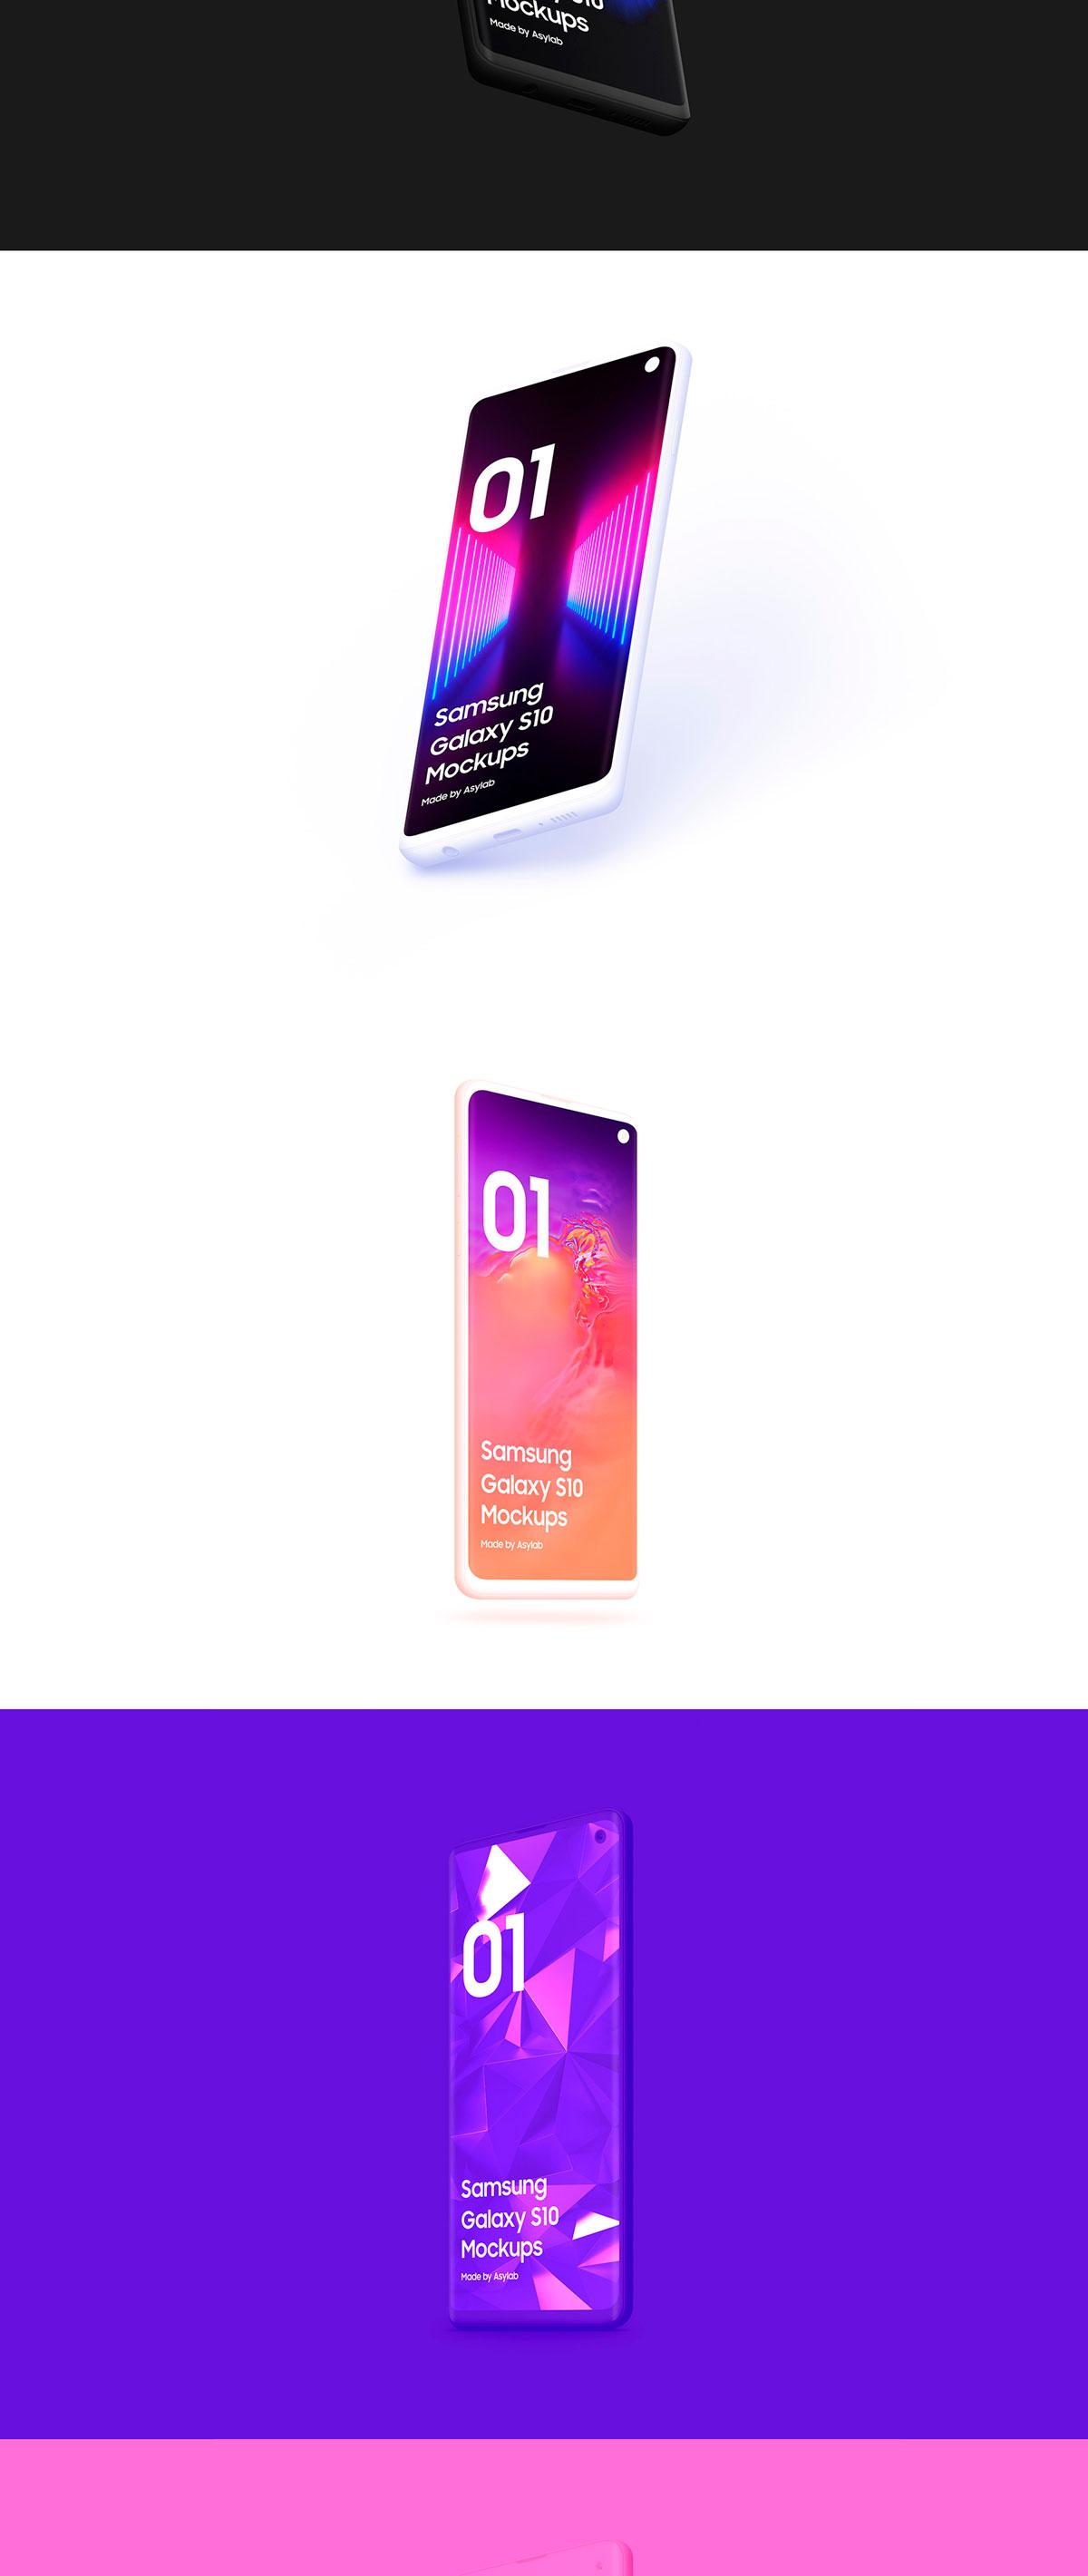 陶瓷质感三星Galaxy S10智能手机样机模板 Samsung Galaxy S10 – 21 Clay Mockups插图(15)